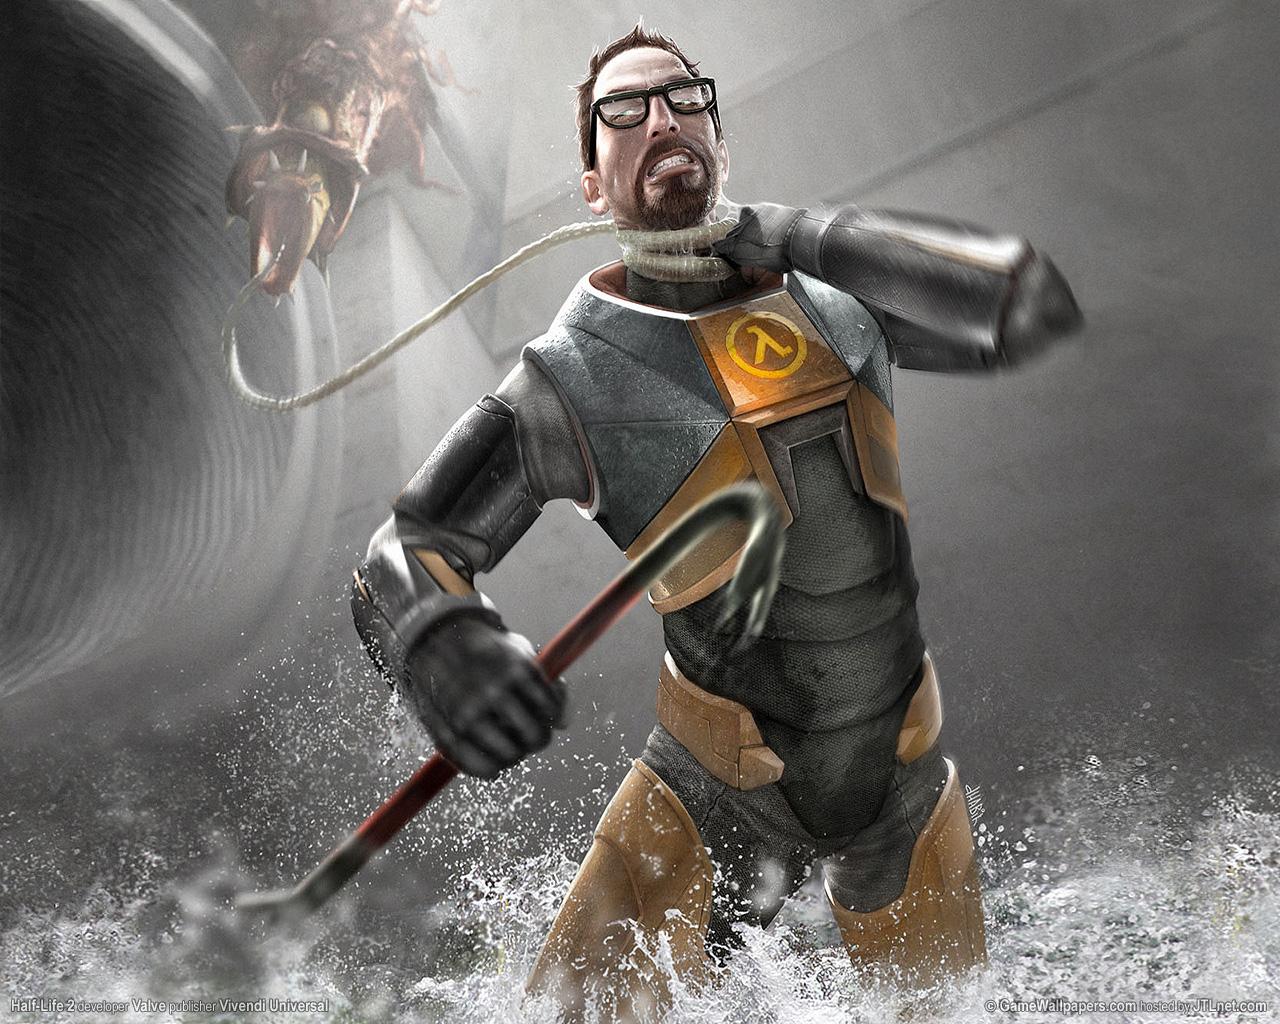 Wird morgen Half-Life 3 angekündigt?